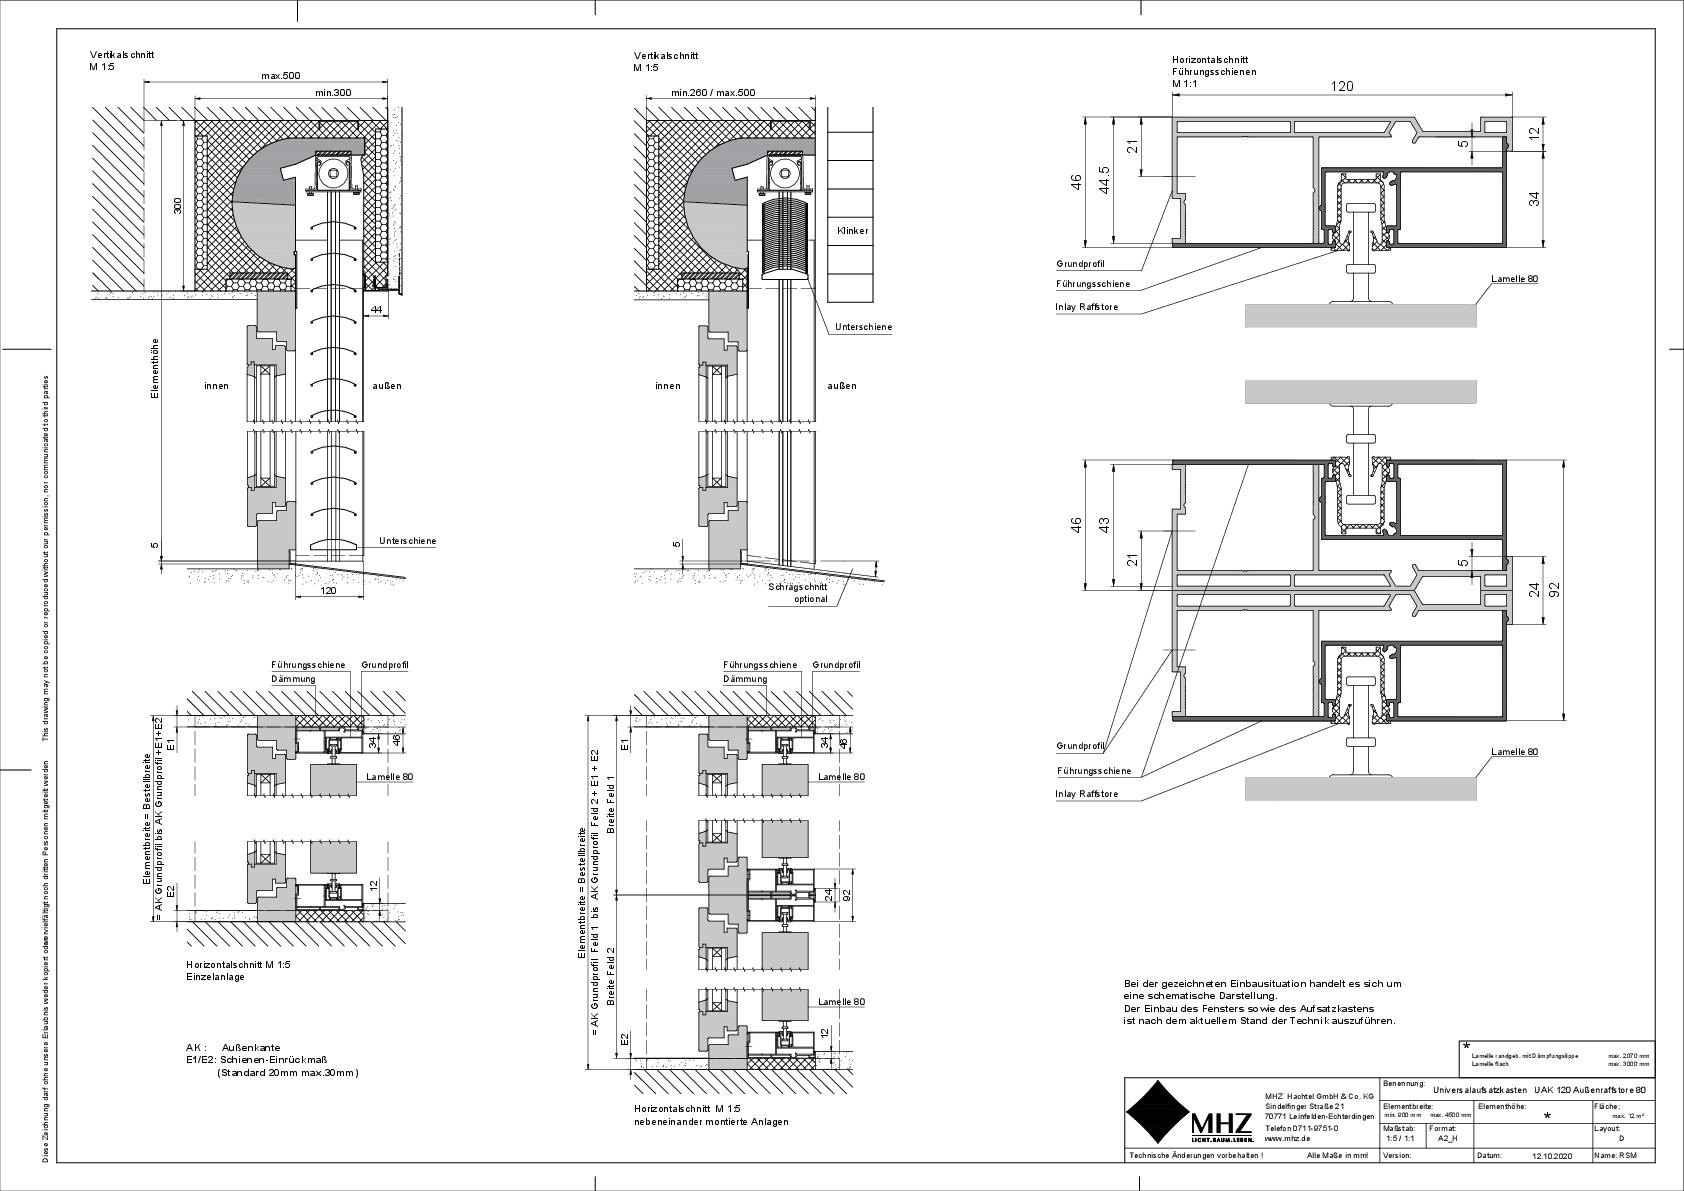 Technische Zeichnung Aufsatzkasten UAK_120 Außenraffstore 80 (pdf)